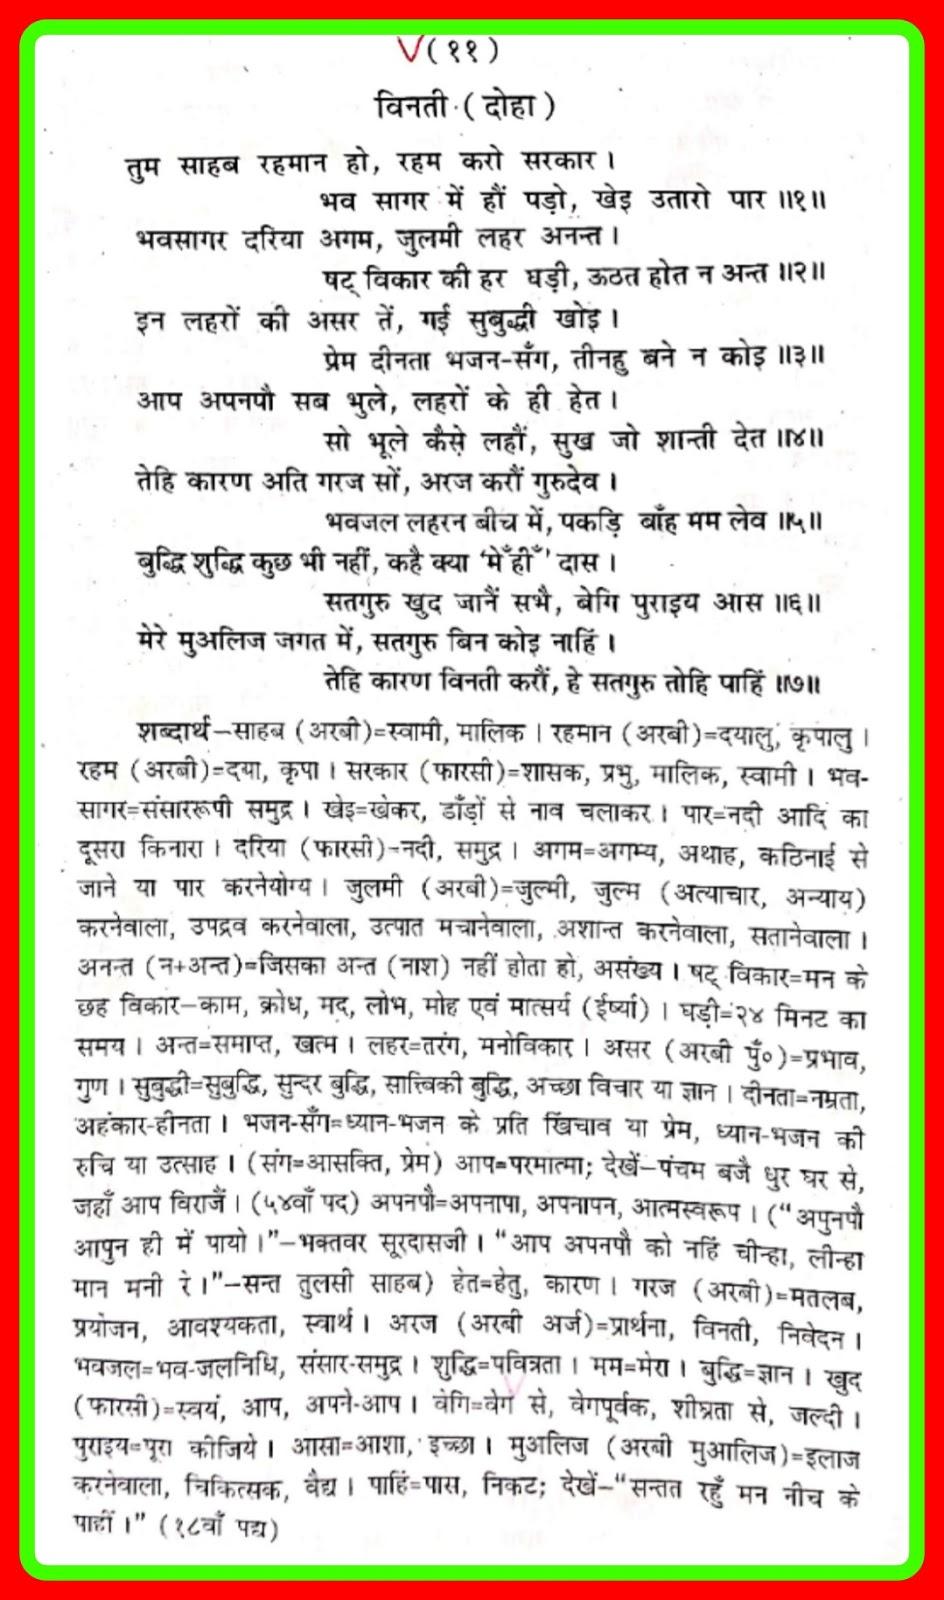 """P11, The request of Satguru Maharaj, """"तुम साहब रहमान हो,...'' महर्षि मेंहीं पदावली भजन अर्थ सहित। पदावली पद 11 शब्दार्थ"""